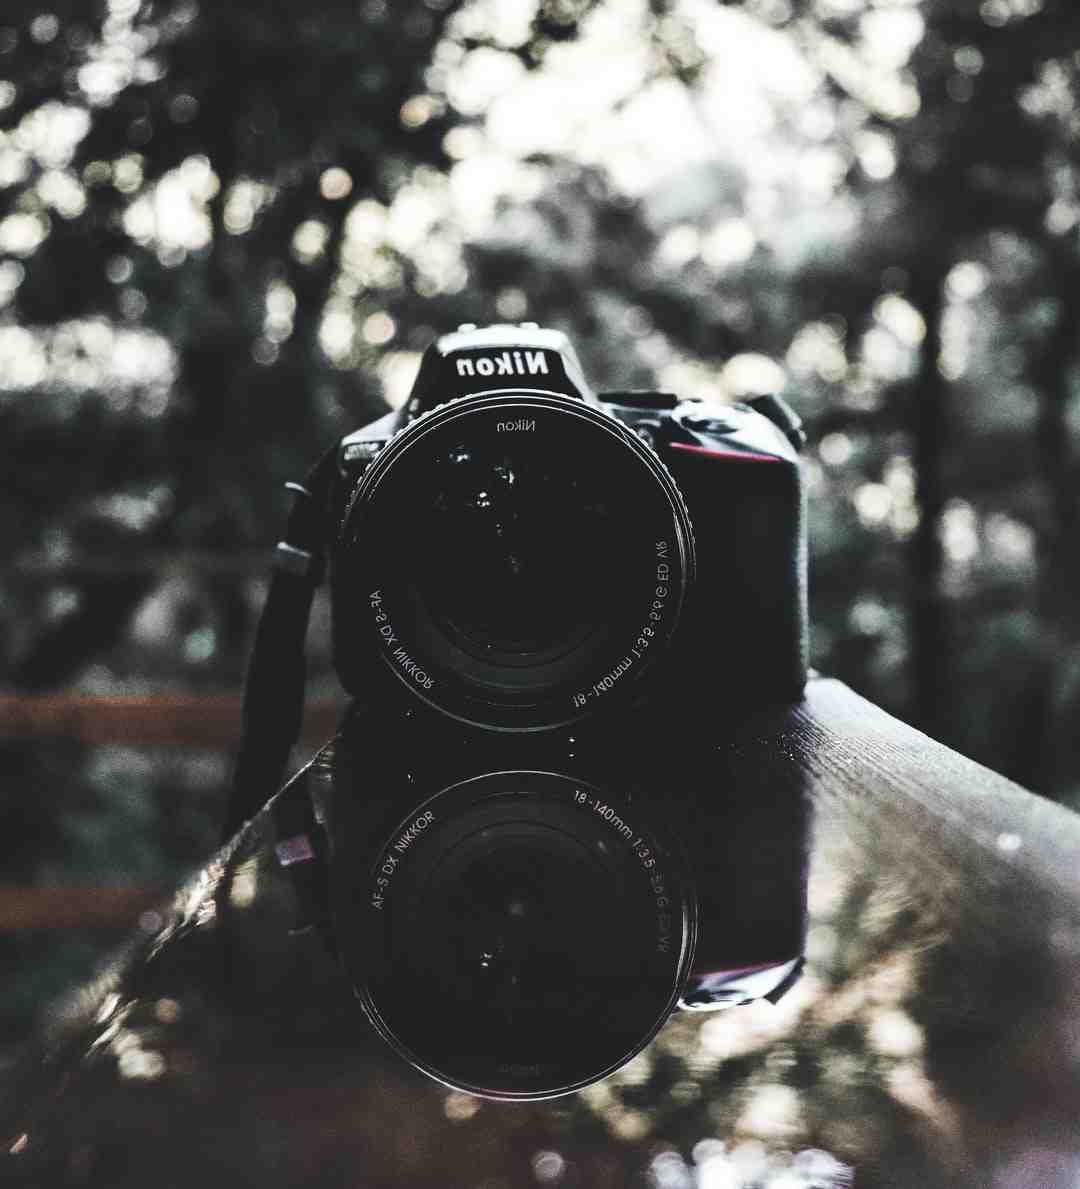 Comment ouvrir un appareil photo jetable Kodak ?